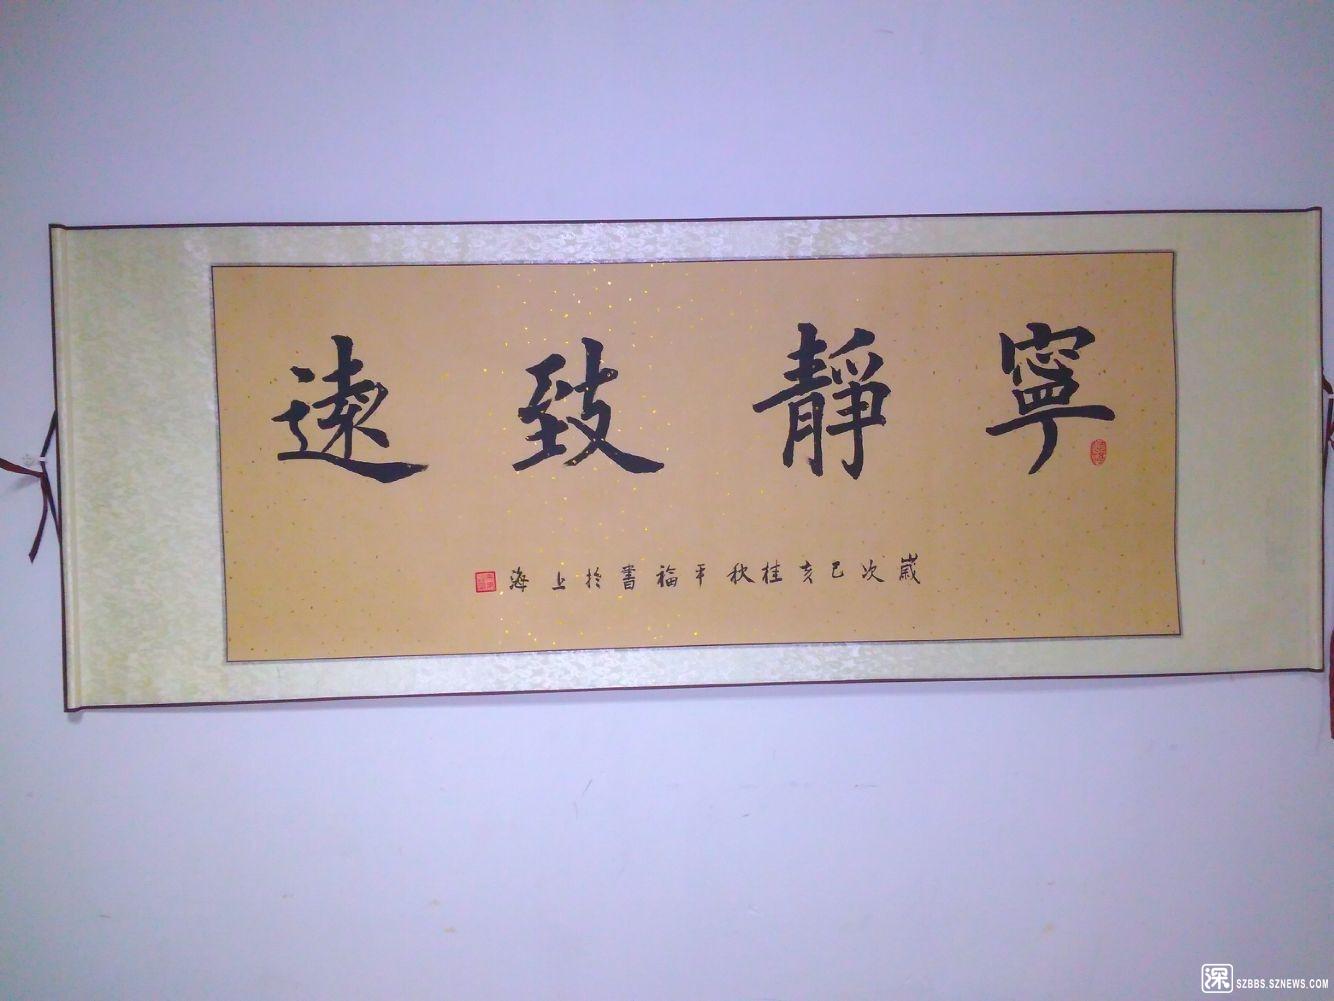 马平福 国际知名书画家 收藏级艺术品21774.jpg